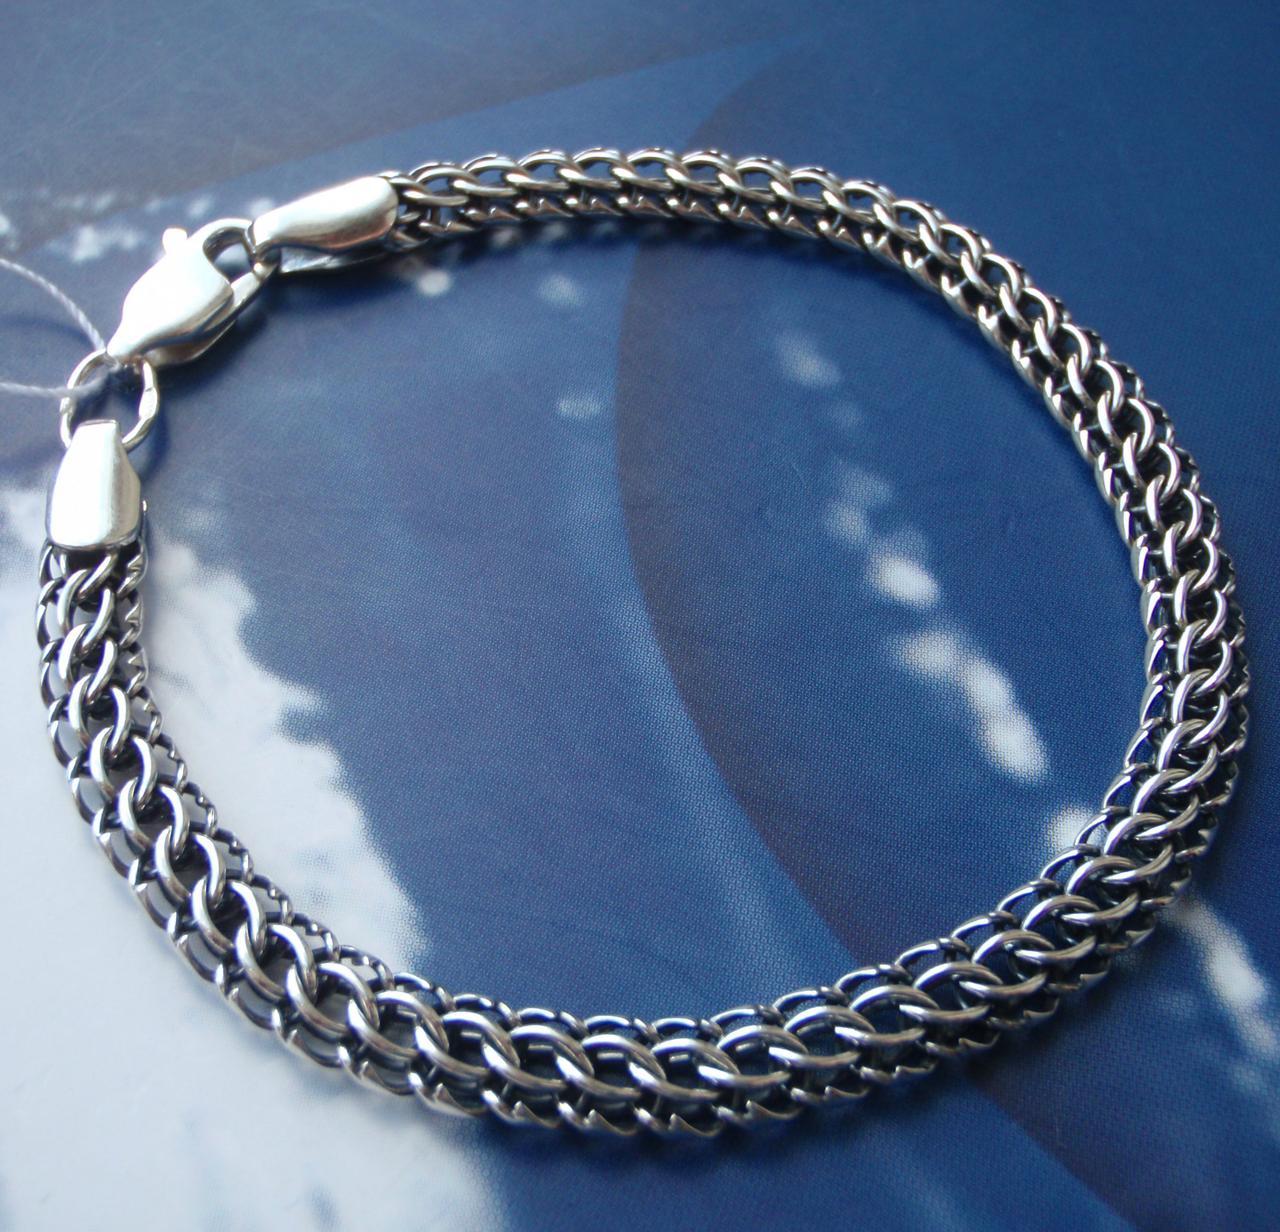 Серебряный браслет, 195мм, 9 грамм, плетение Питон, чернение